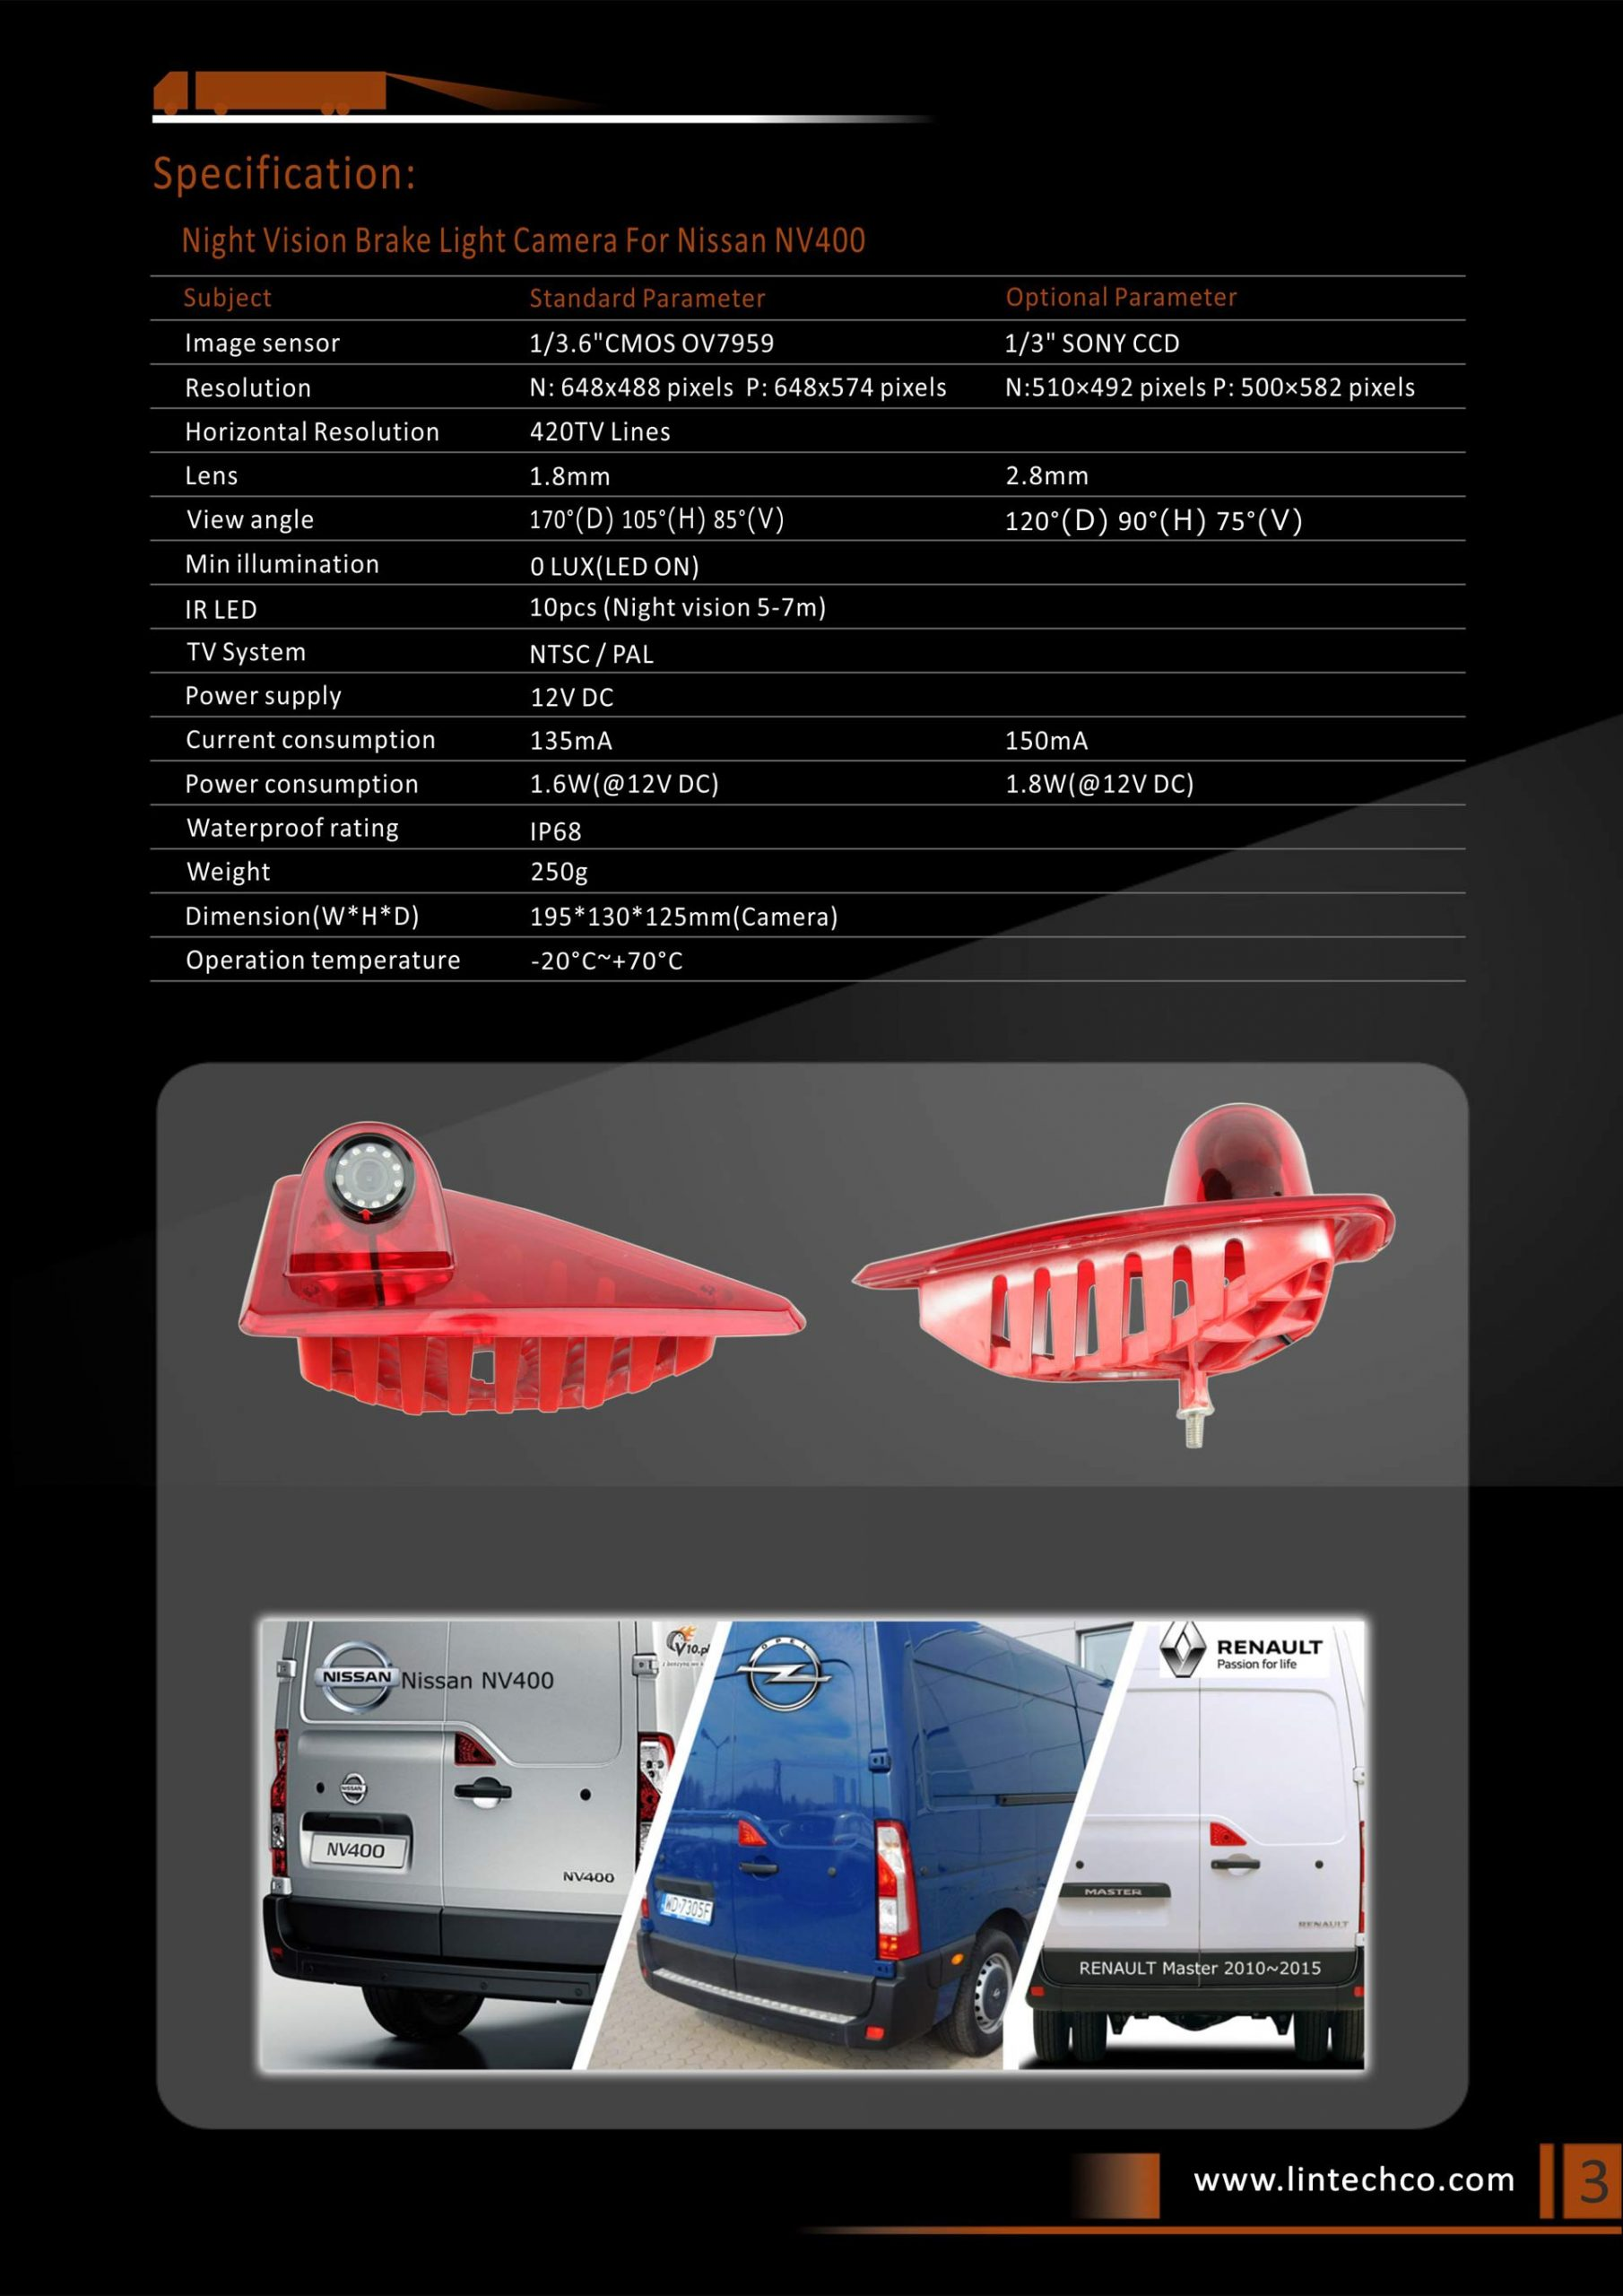 3.Night Vision Brake Light Camera For Nissan NV400